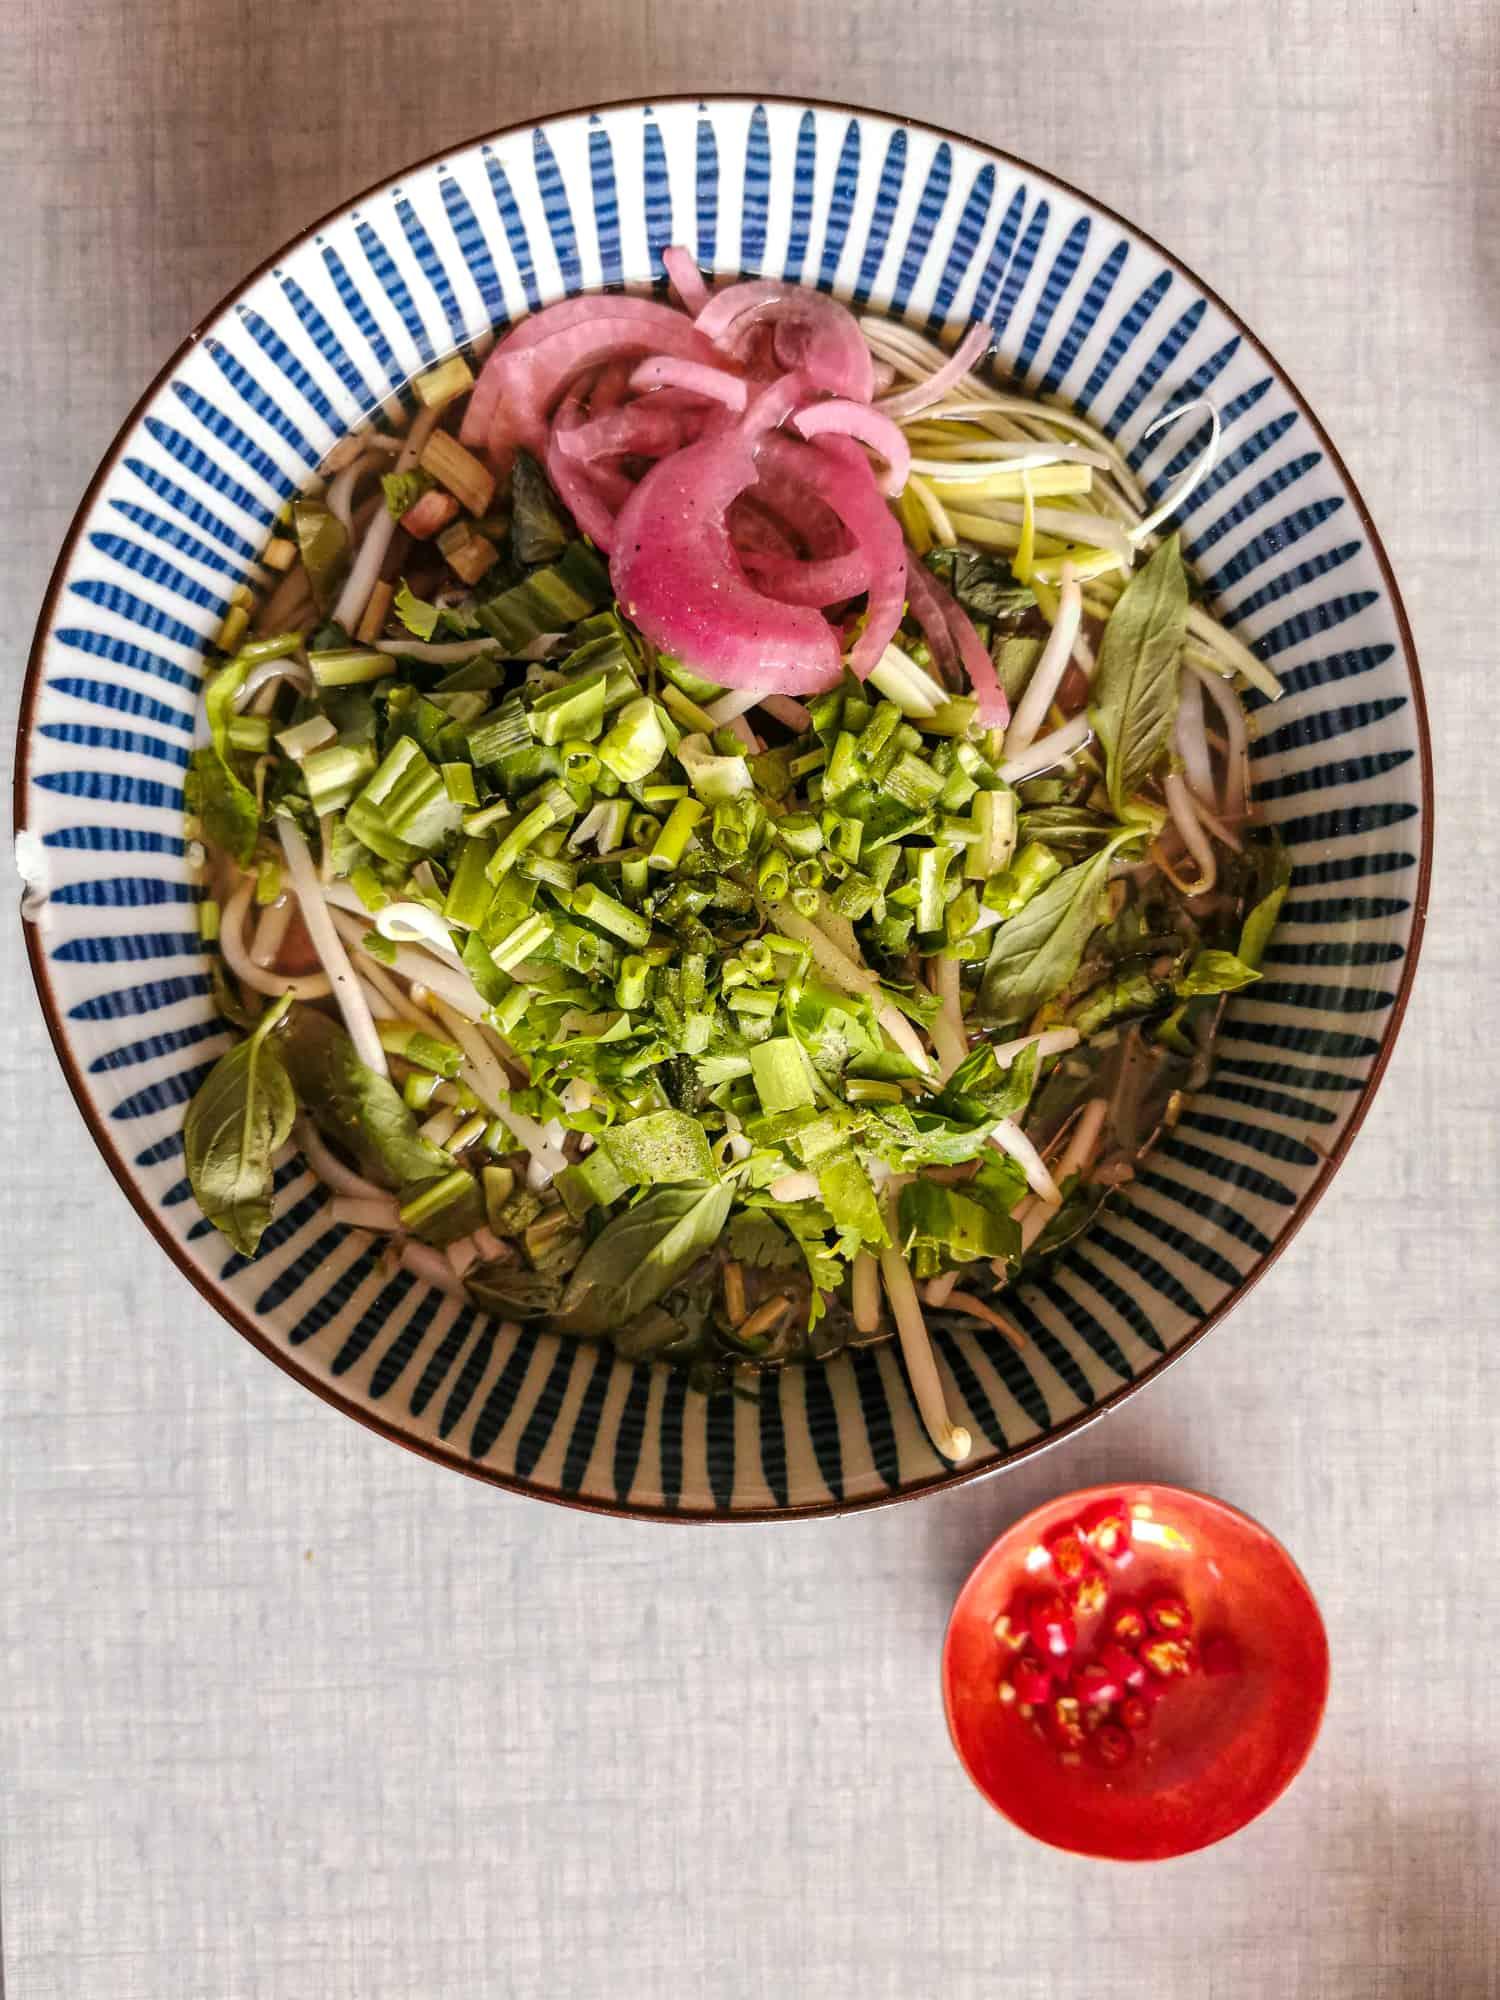 ca-phe-broc-ouest-restaurant-vietnamien-paris-14-bouiboui-20